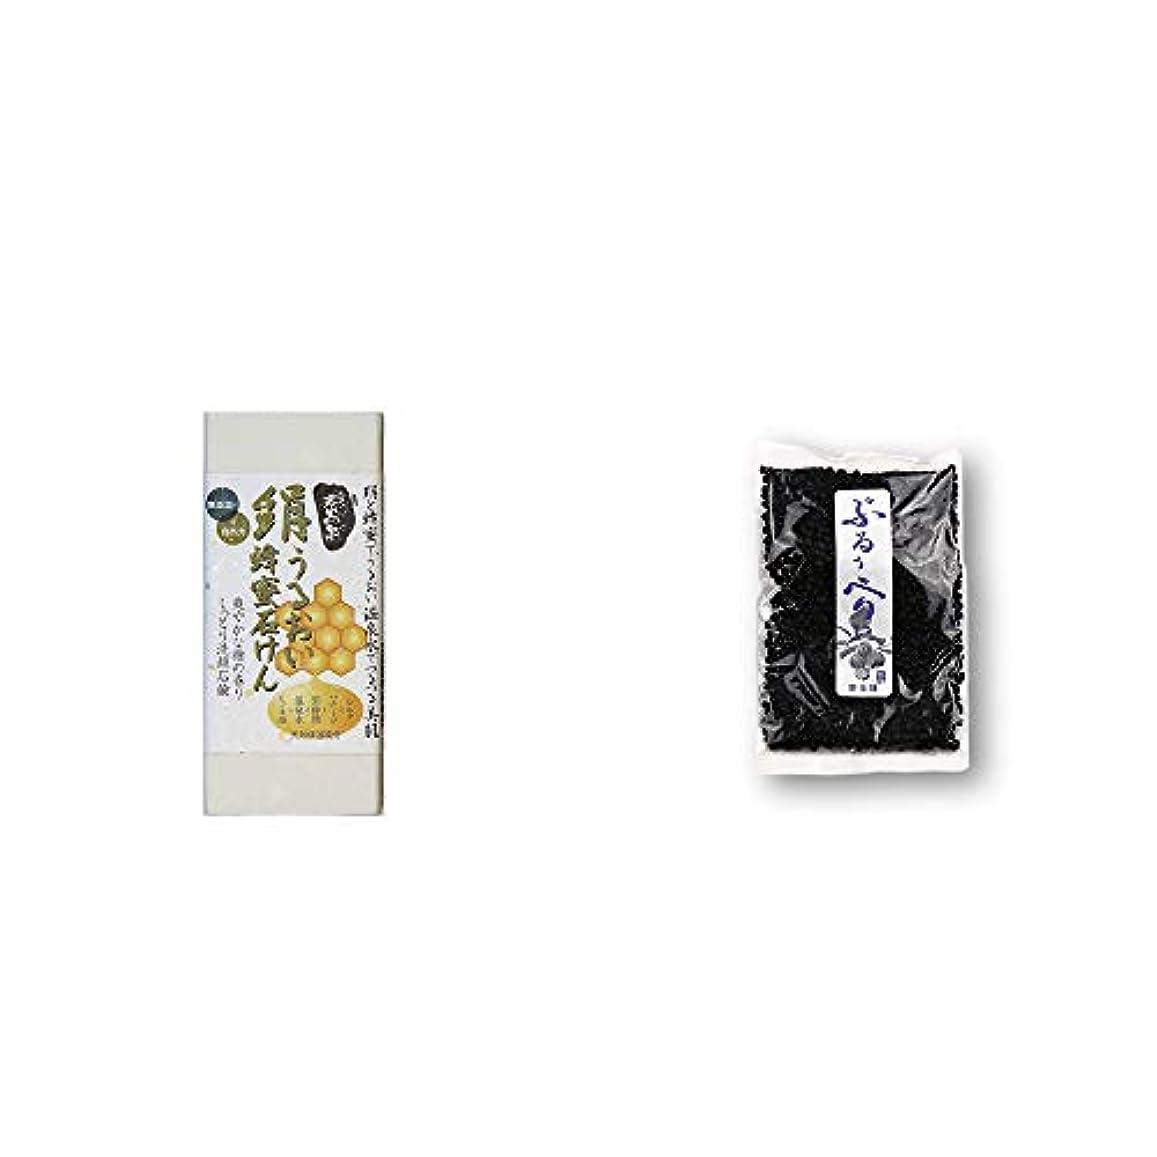 スツールハード私の[2点セット] ひのき炭黒泉 絹うるおい蜂蜜石けん(75g×2)?野生種ぶるぅべりぃ(260g)